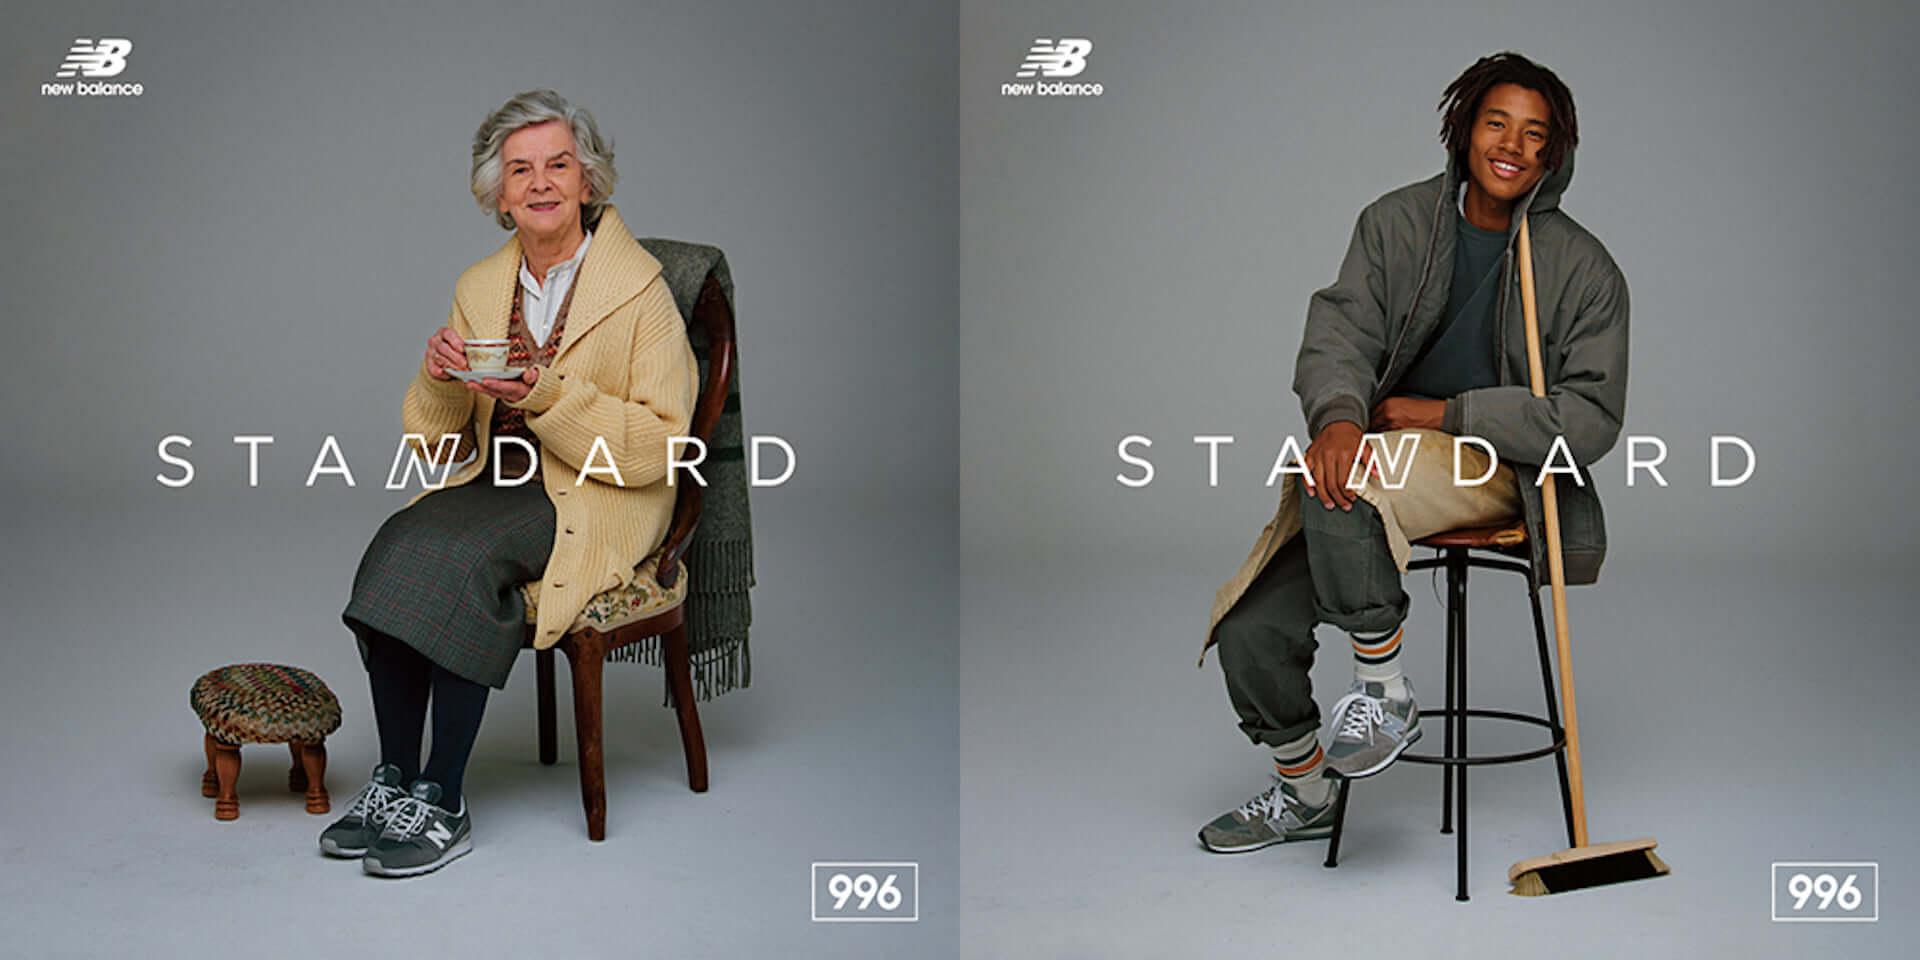 ニューバランス、究極のスタンダード「996」から定番カラーが登場 十人十色のスタンダードスタイルを表現したクリエイティブも公開 life190807_newbalance_996_6-1920x960